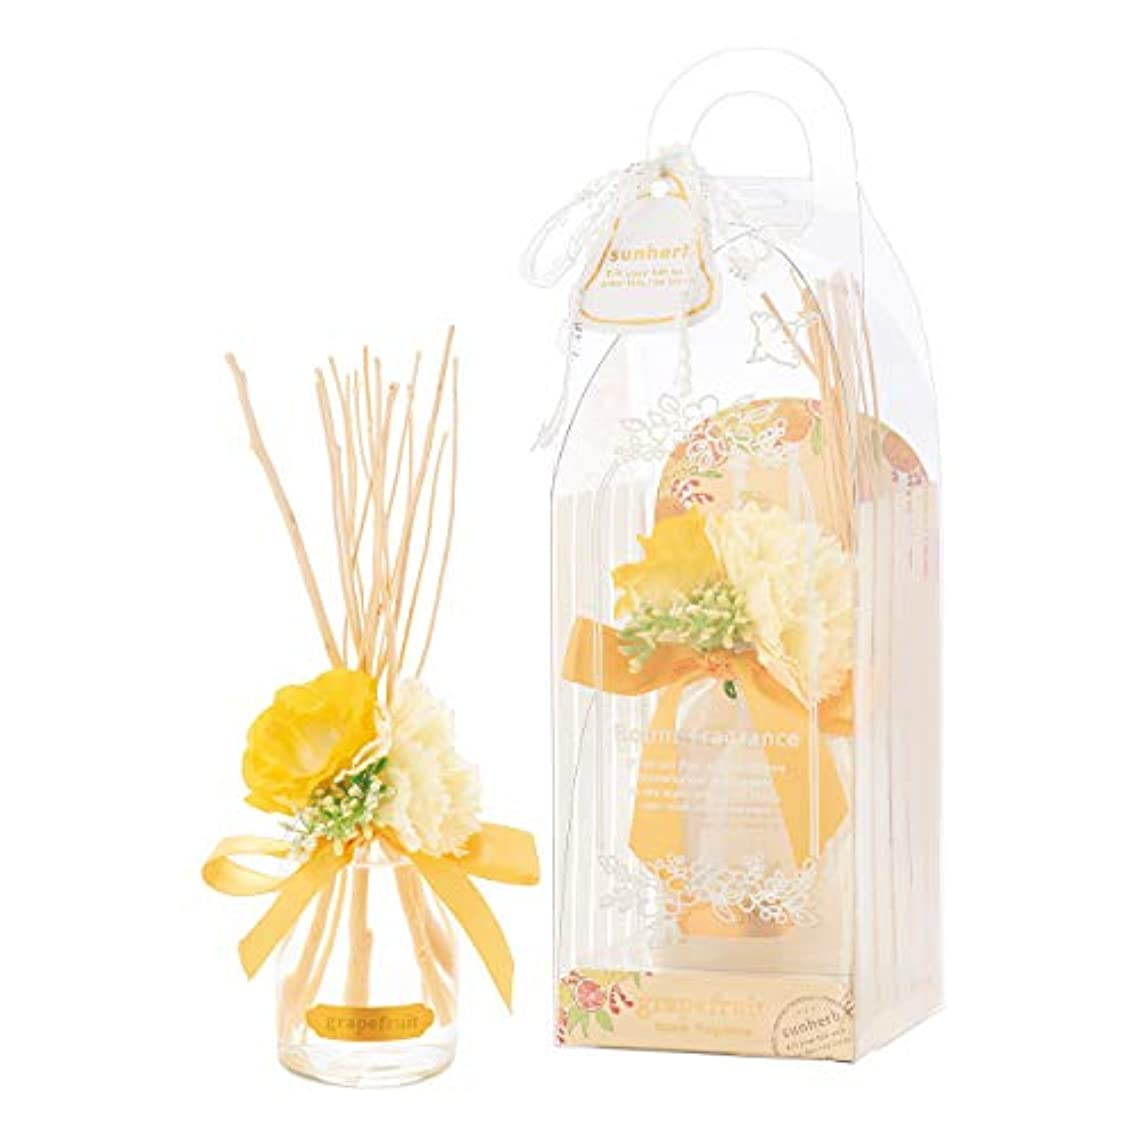 嫉妬花瓶デイジーサンハーブ ルームフレグランスフラワー グレープフルーツ 100ml(芳香剤 花かざり付 シャキっとまぶしい柑橘系の香り)